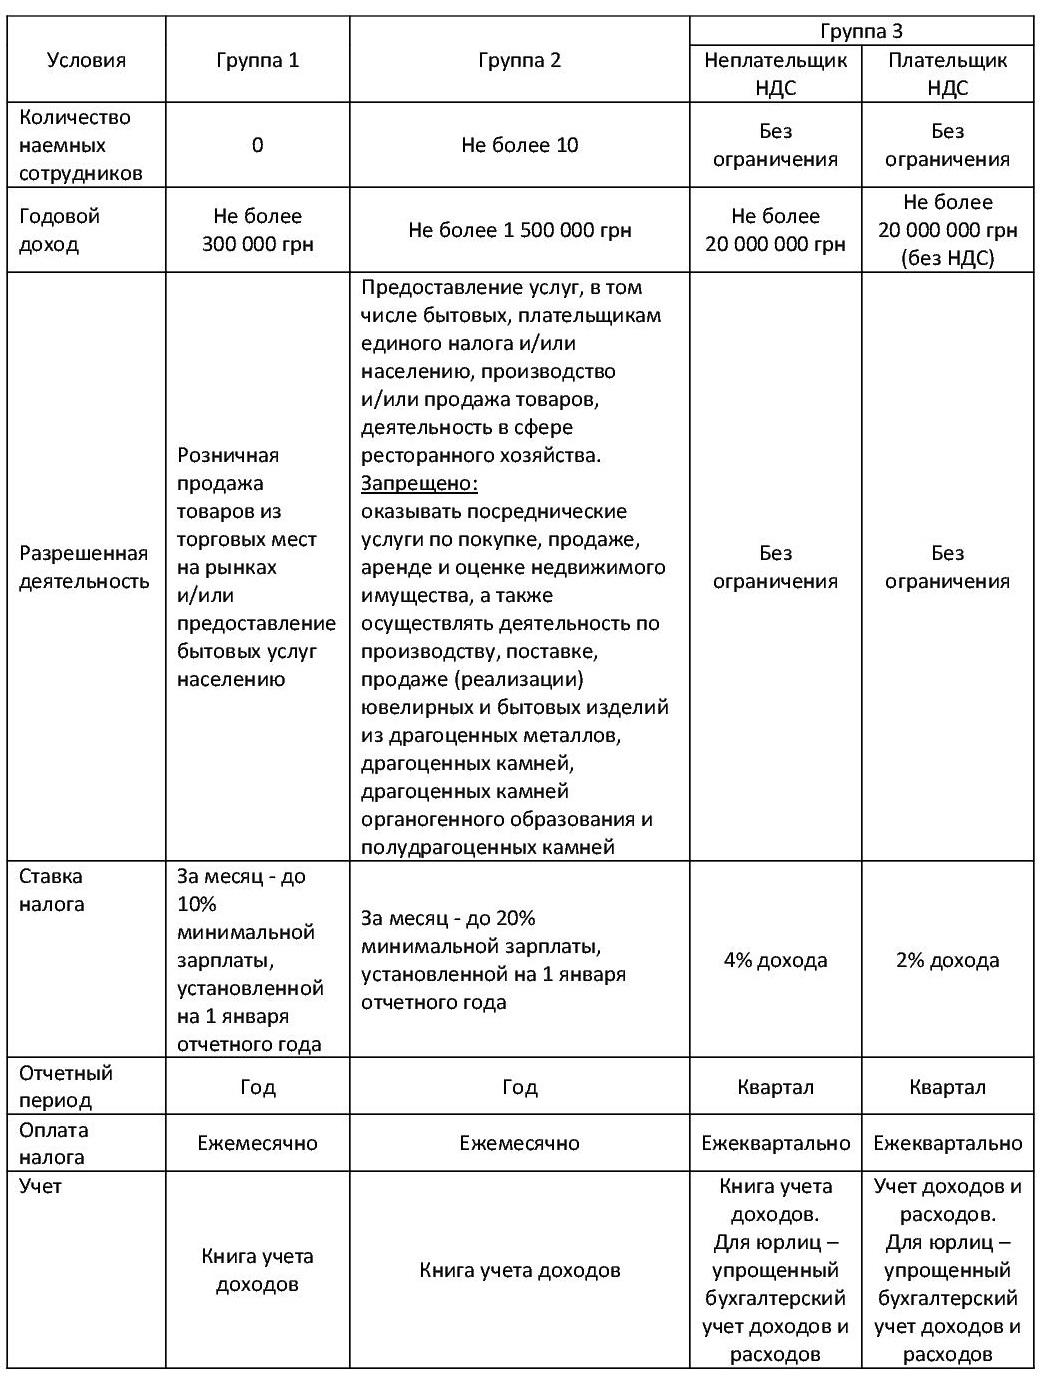 Система налогообложения в украине реферат 6376